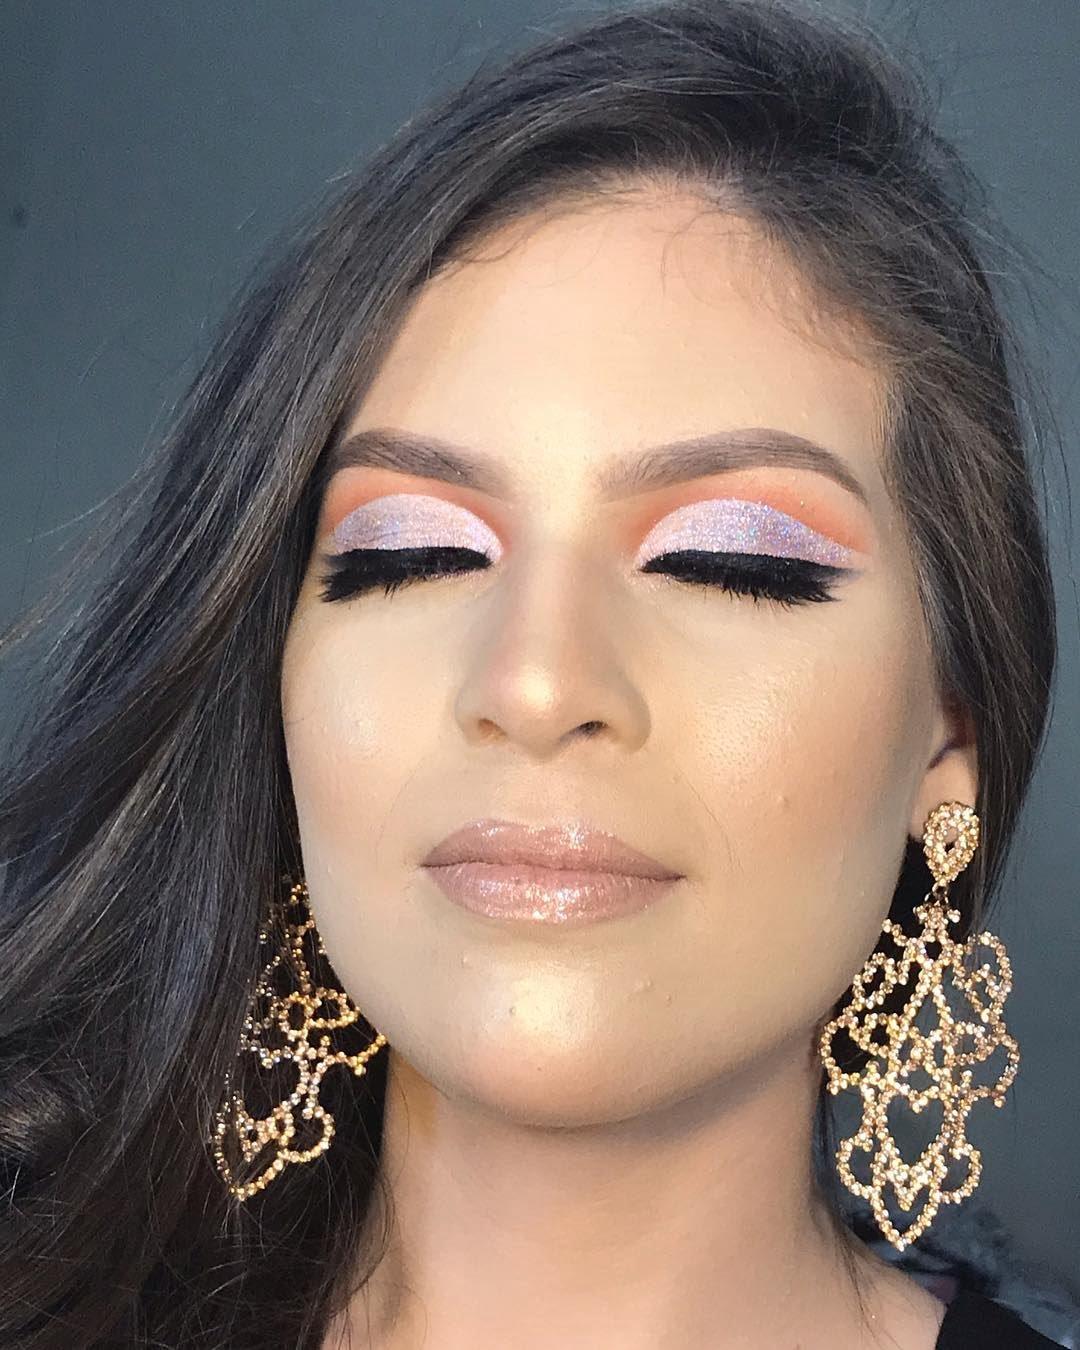 40 inspirações de maquiagem com glitter para brilhar em qualquer ocasião - 35